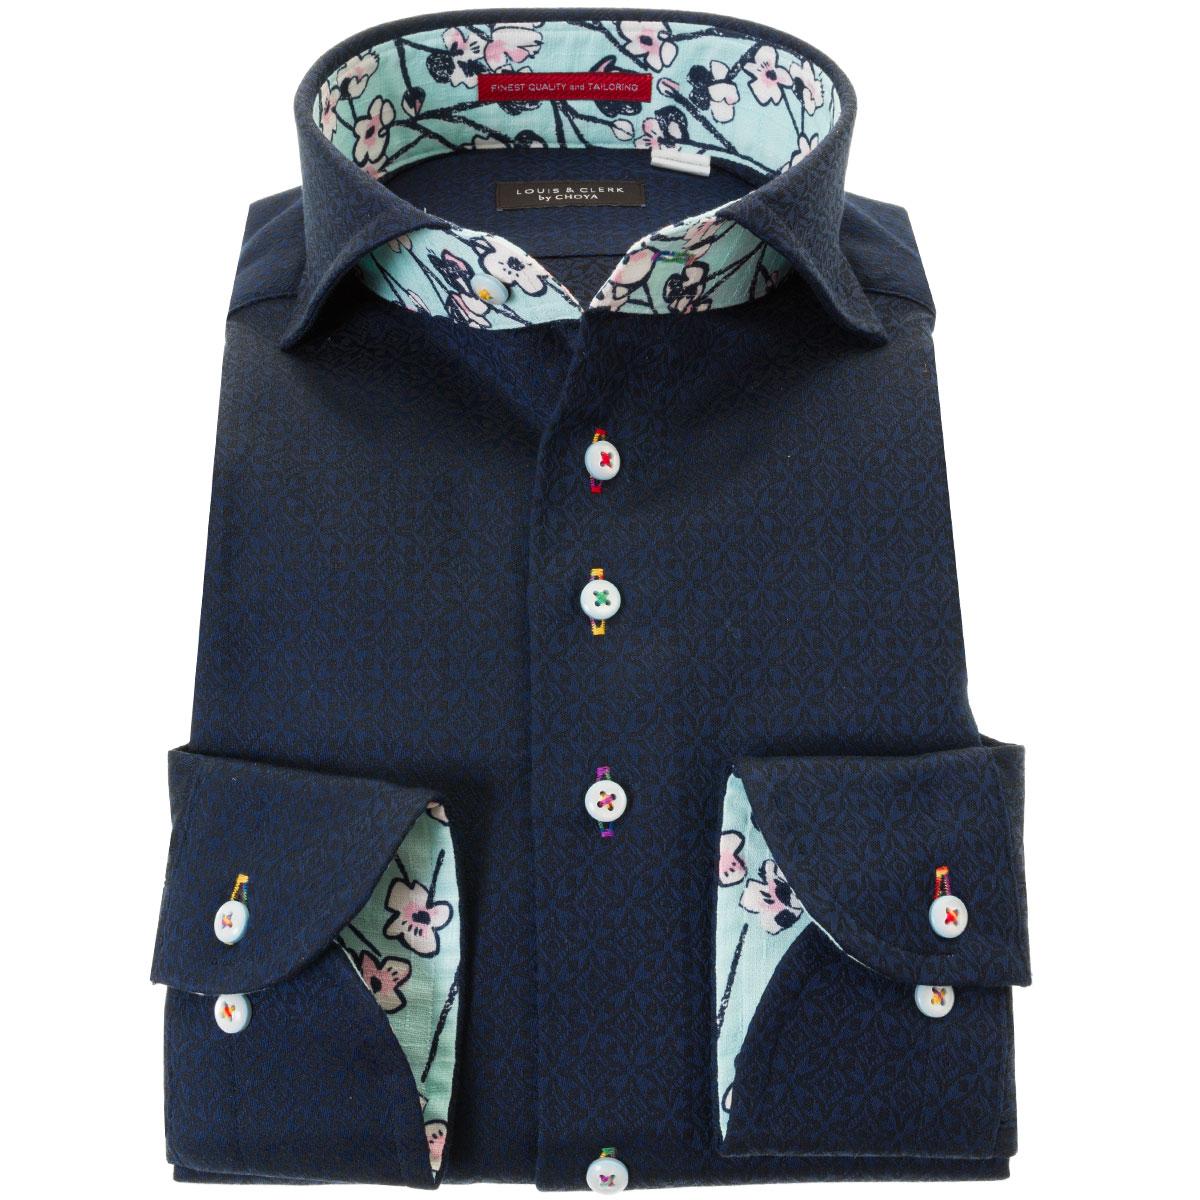 ドレスシャツ ワイシャツ シャツ メンズ 国産 長袖 綿100% コンフォート カッタウェイワイド 胸ポケット無 ダークネイビー ジャガード織柄 デザイン 七宝繋ぎ 七宝文様